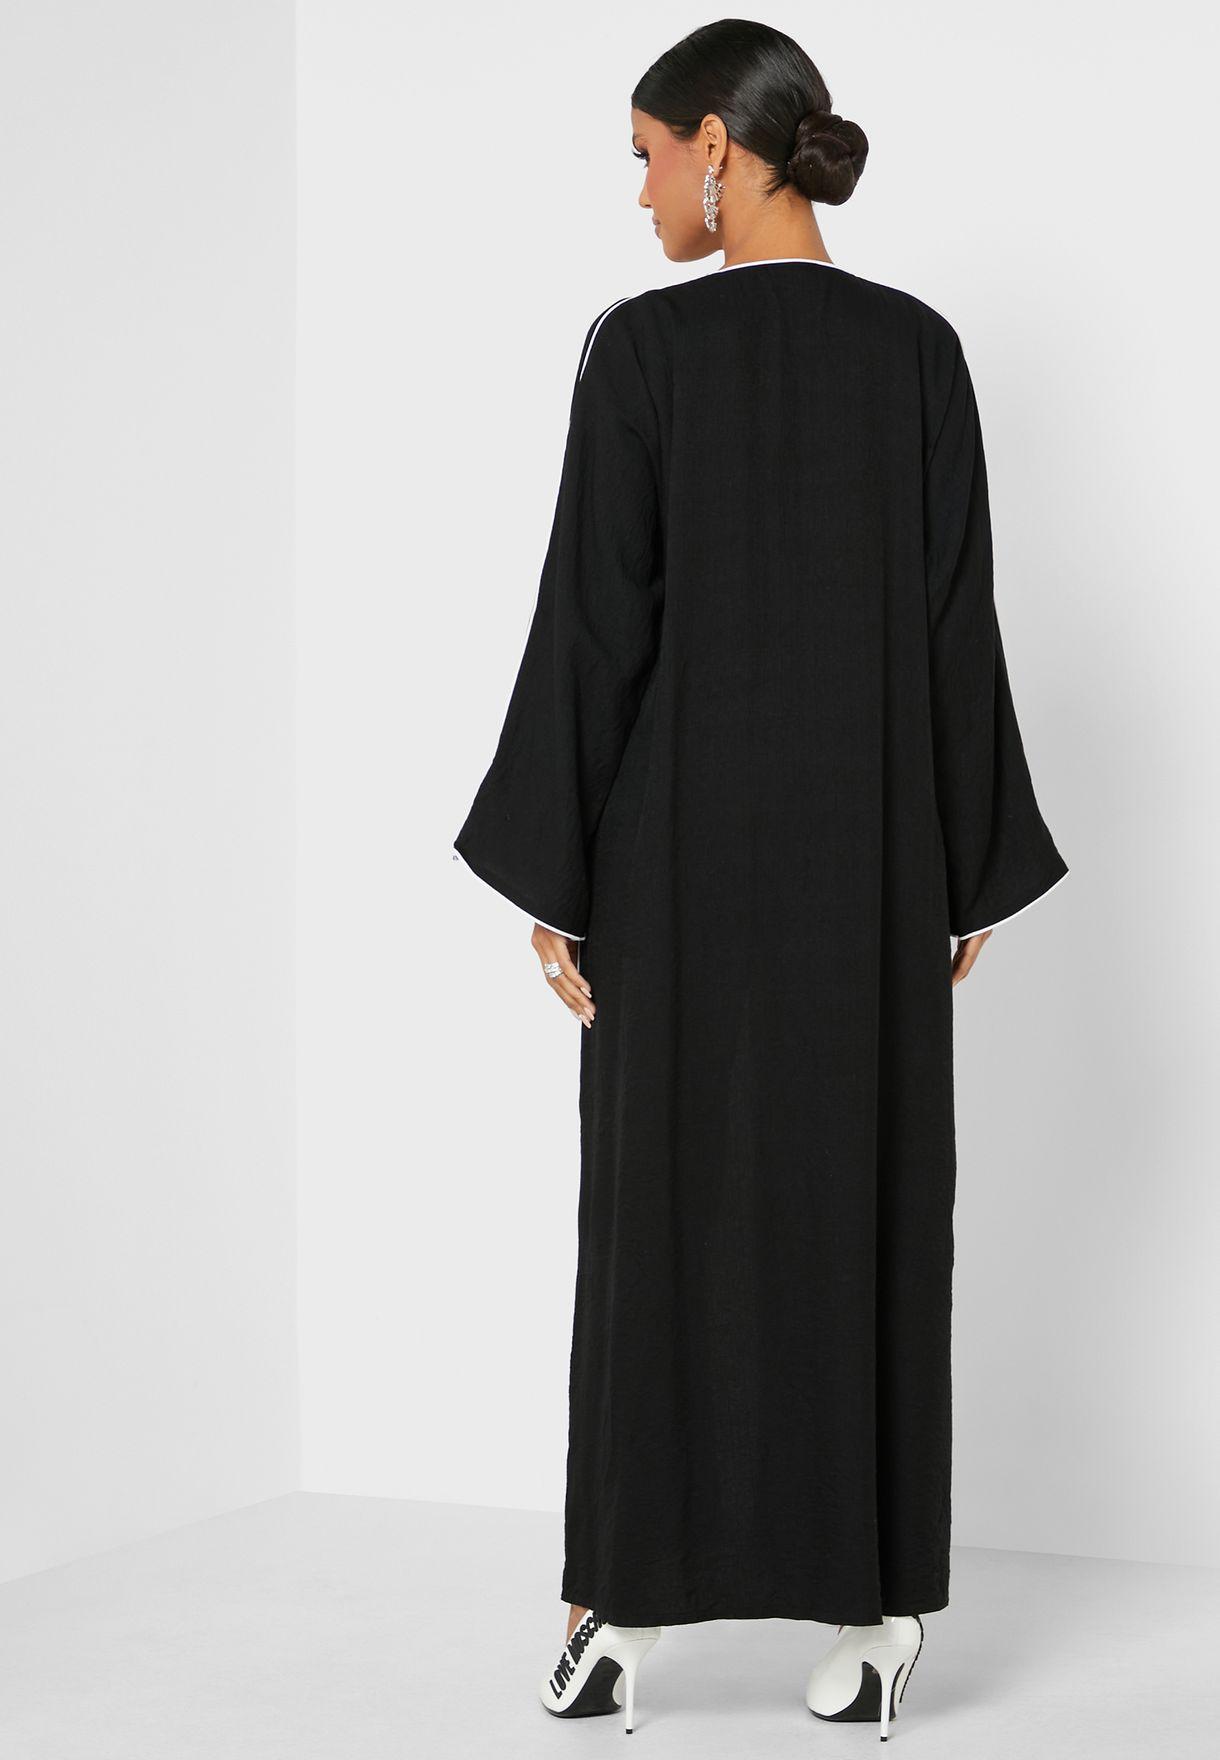 Piping Detail Abaya